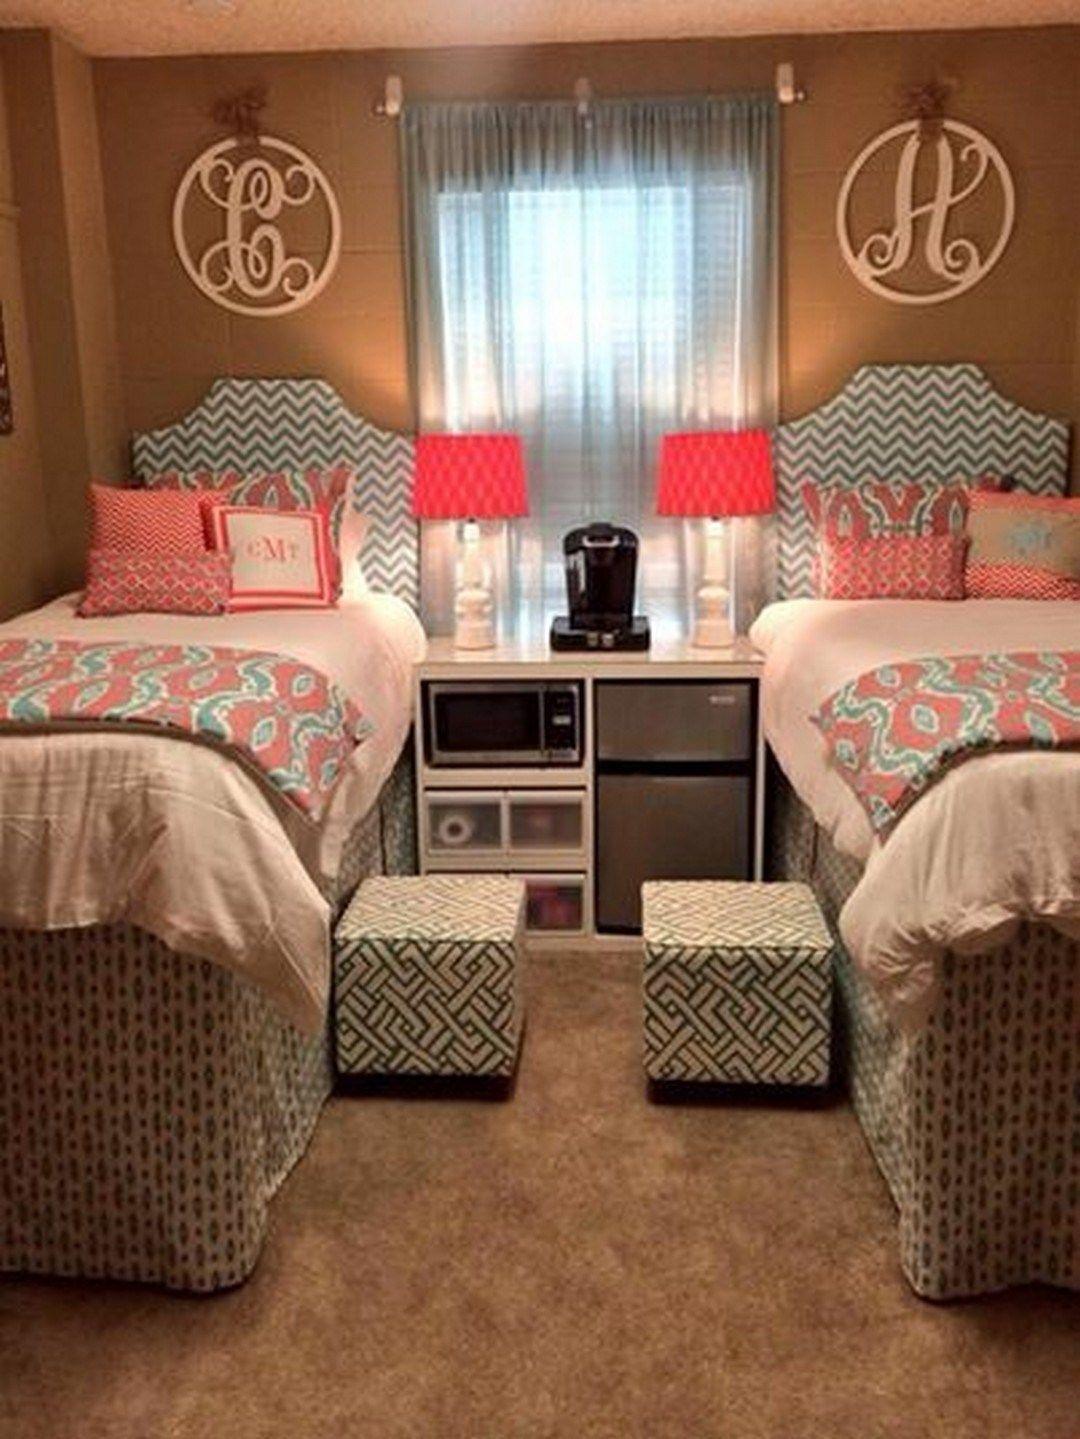 Medium Of Cute College Dorm Rooms